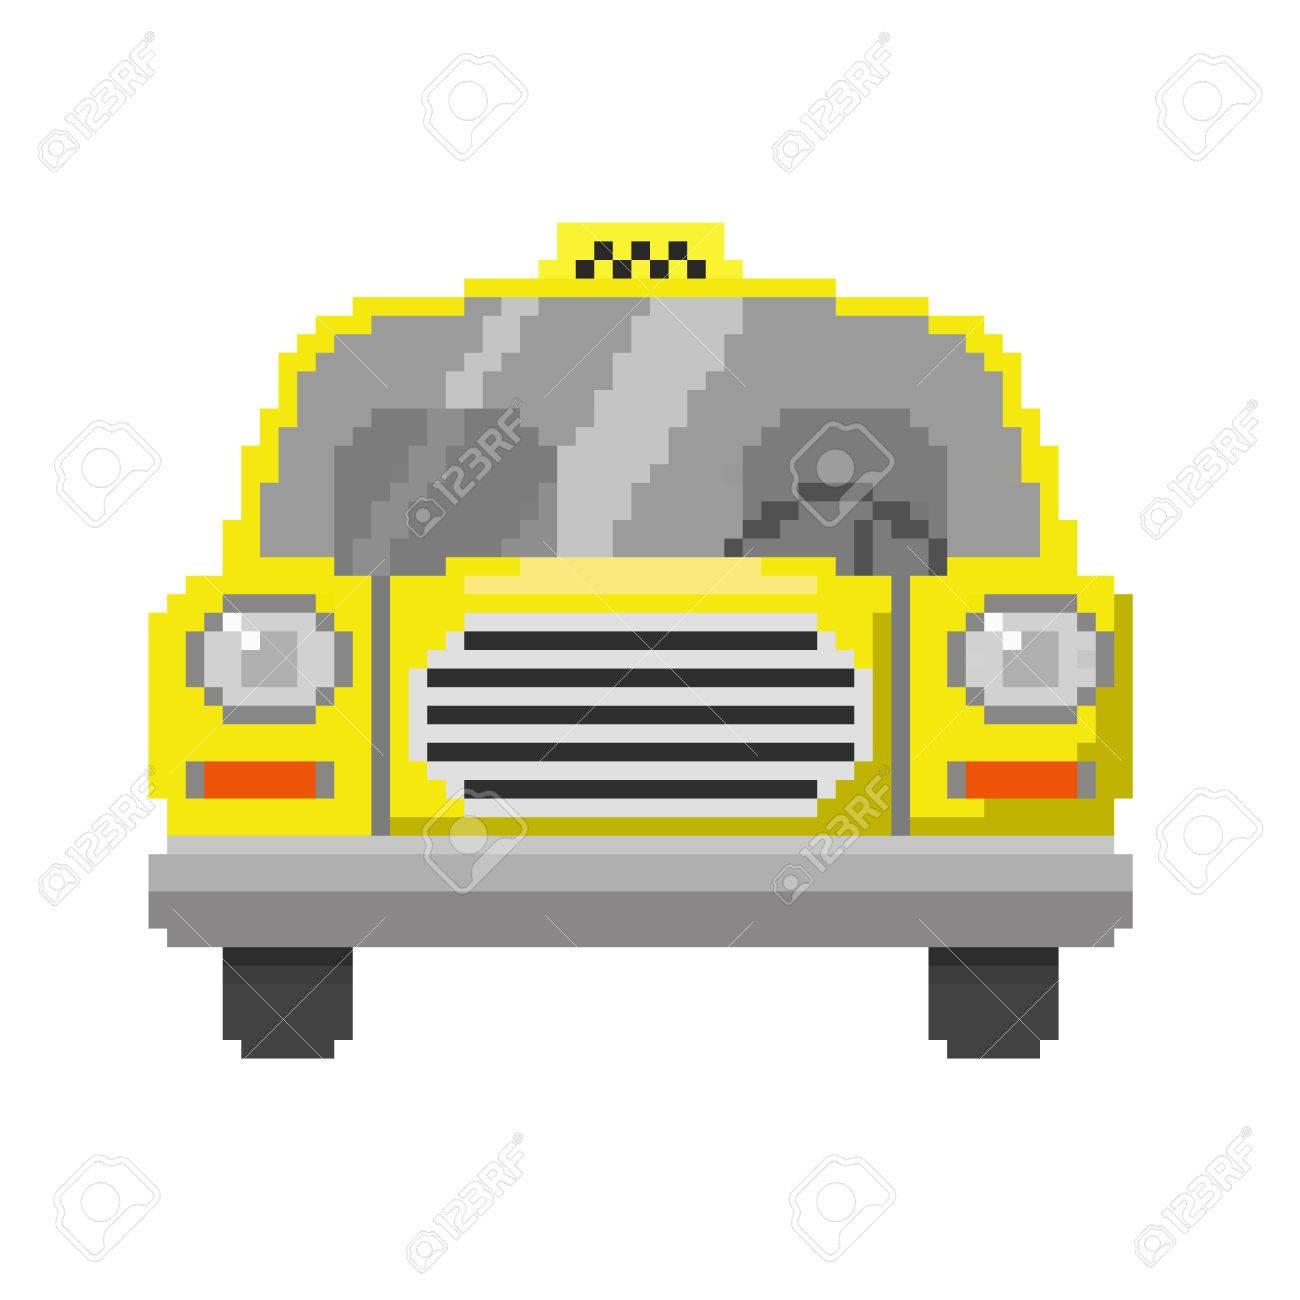 Pixel Art De Vue Avant De La Voiture Jaune Taxi Vector Icône Illustration Isolé Sur Fond Blanc